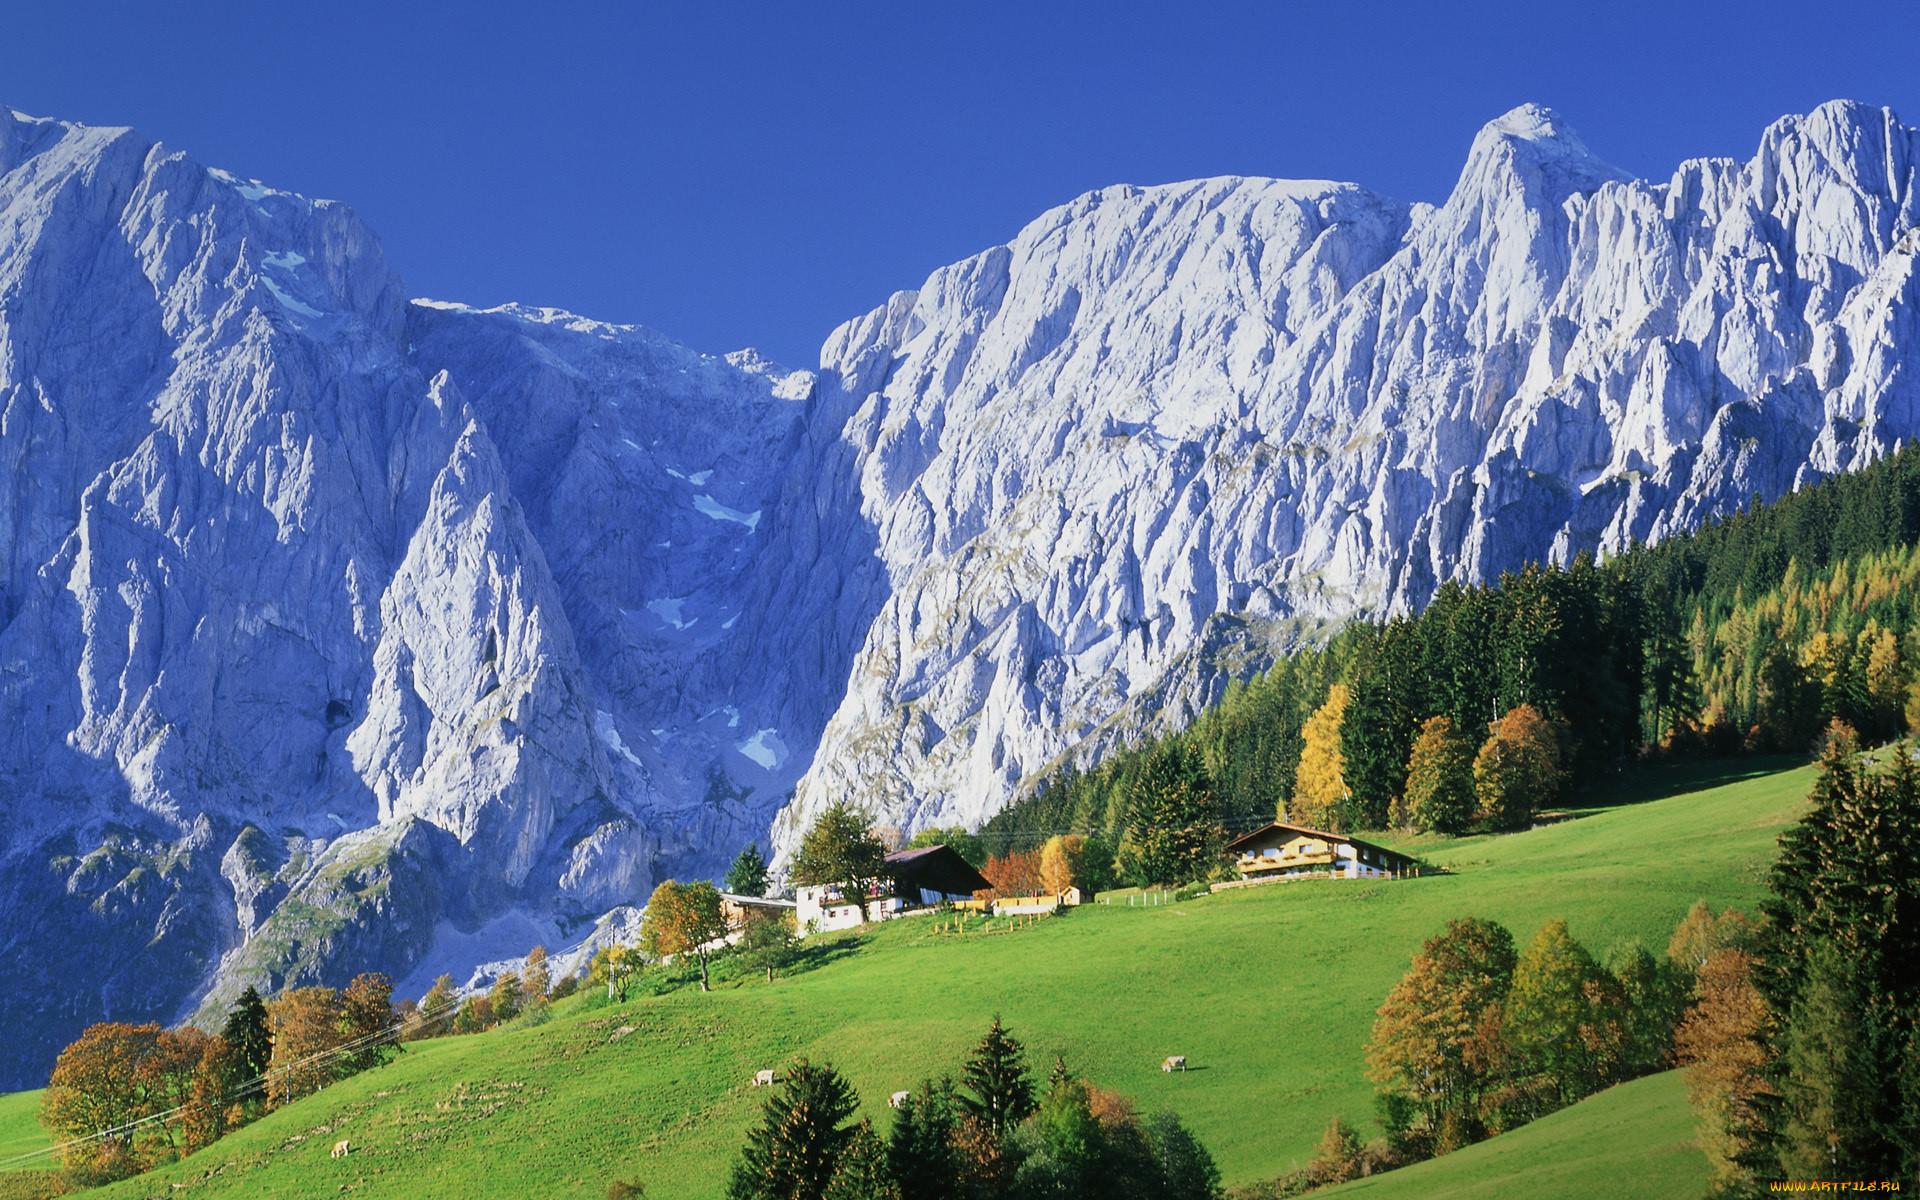 подданные альпийские горы фото для рабочего стола подвешивали переднее